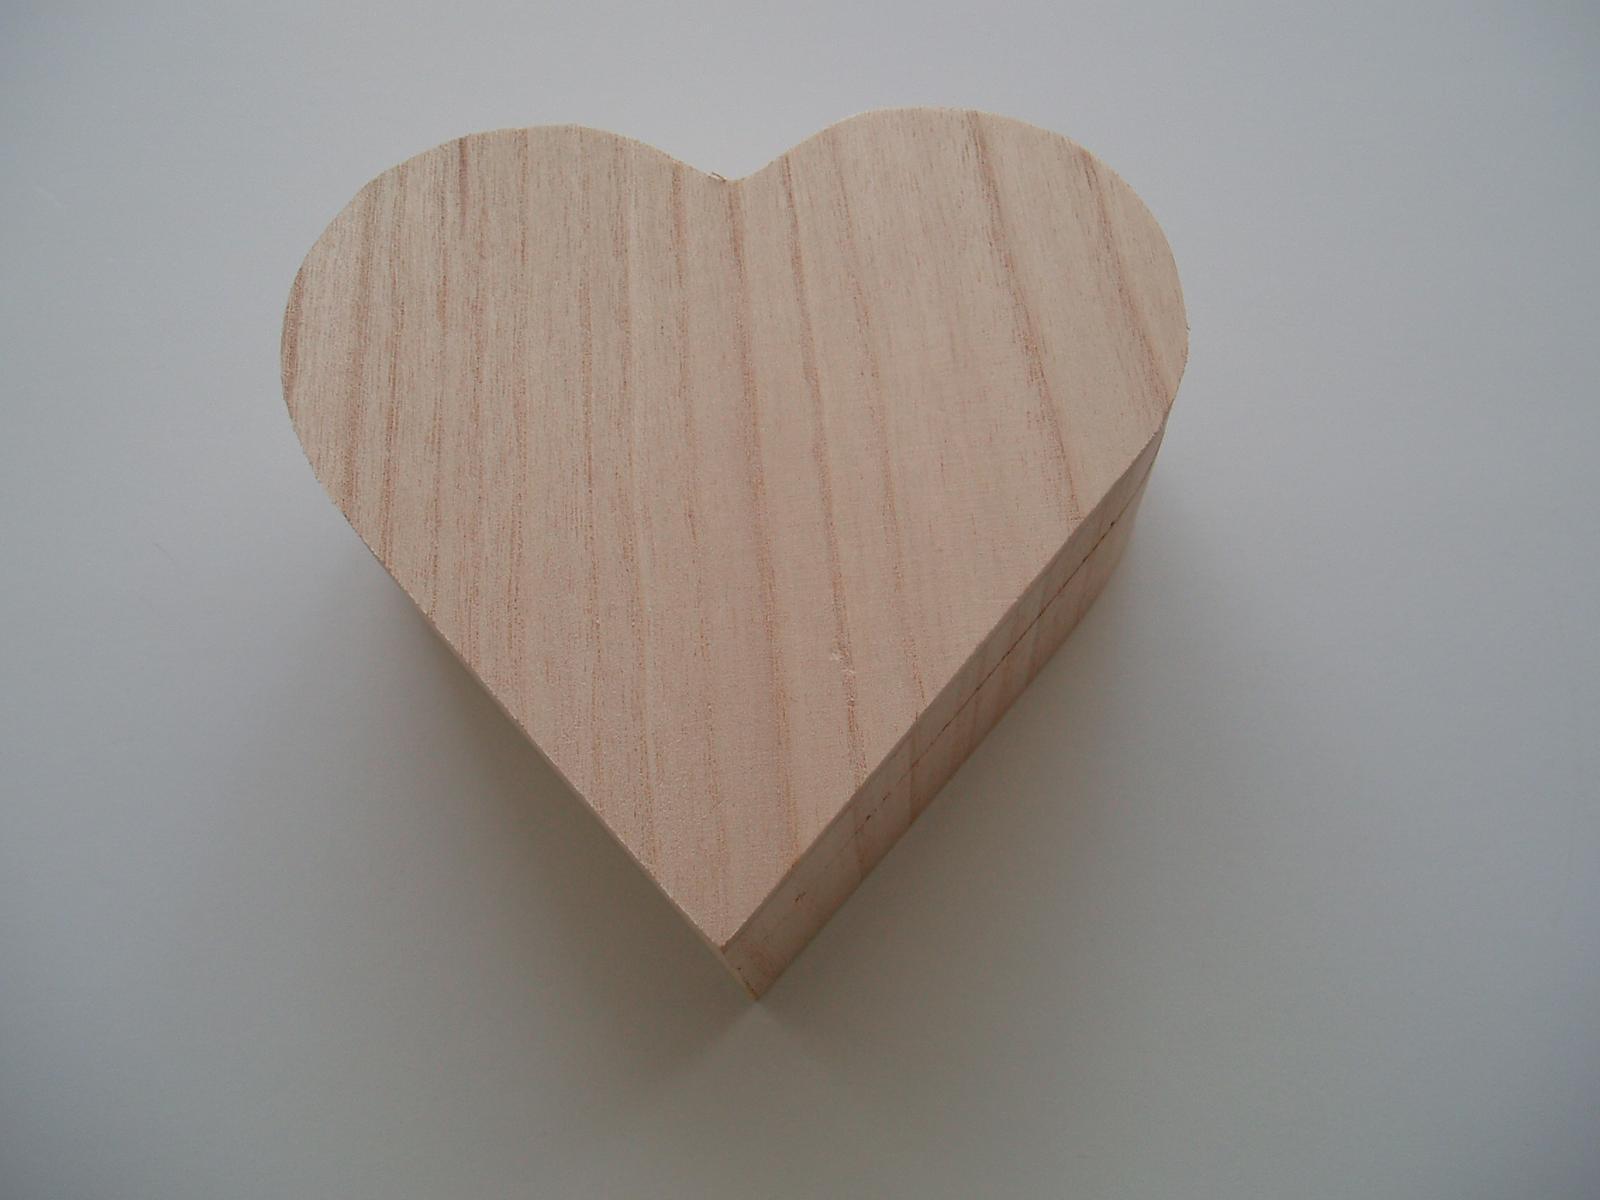 krabička srdce - Obrázek č. 1